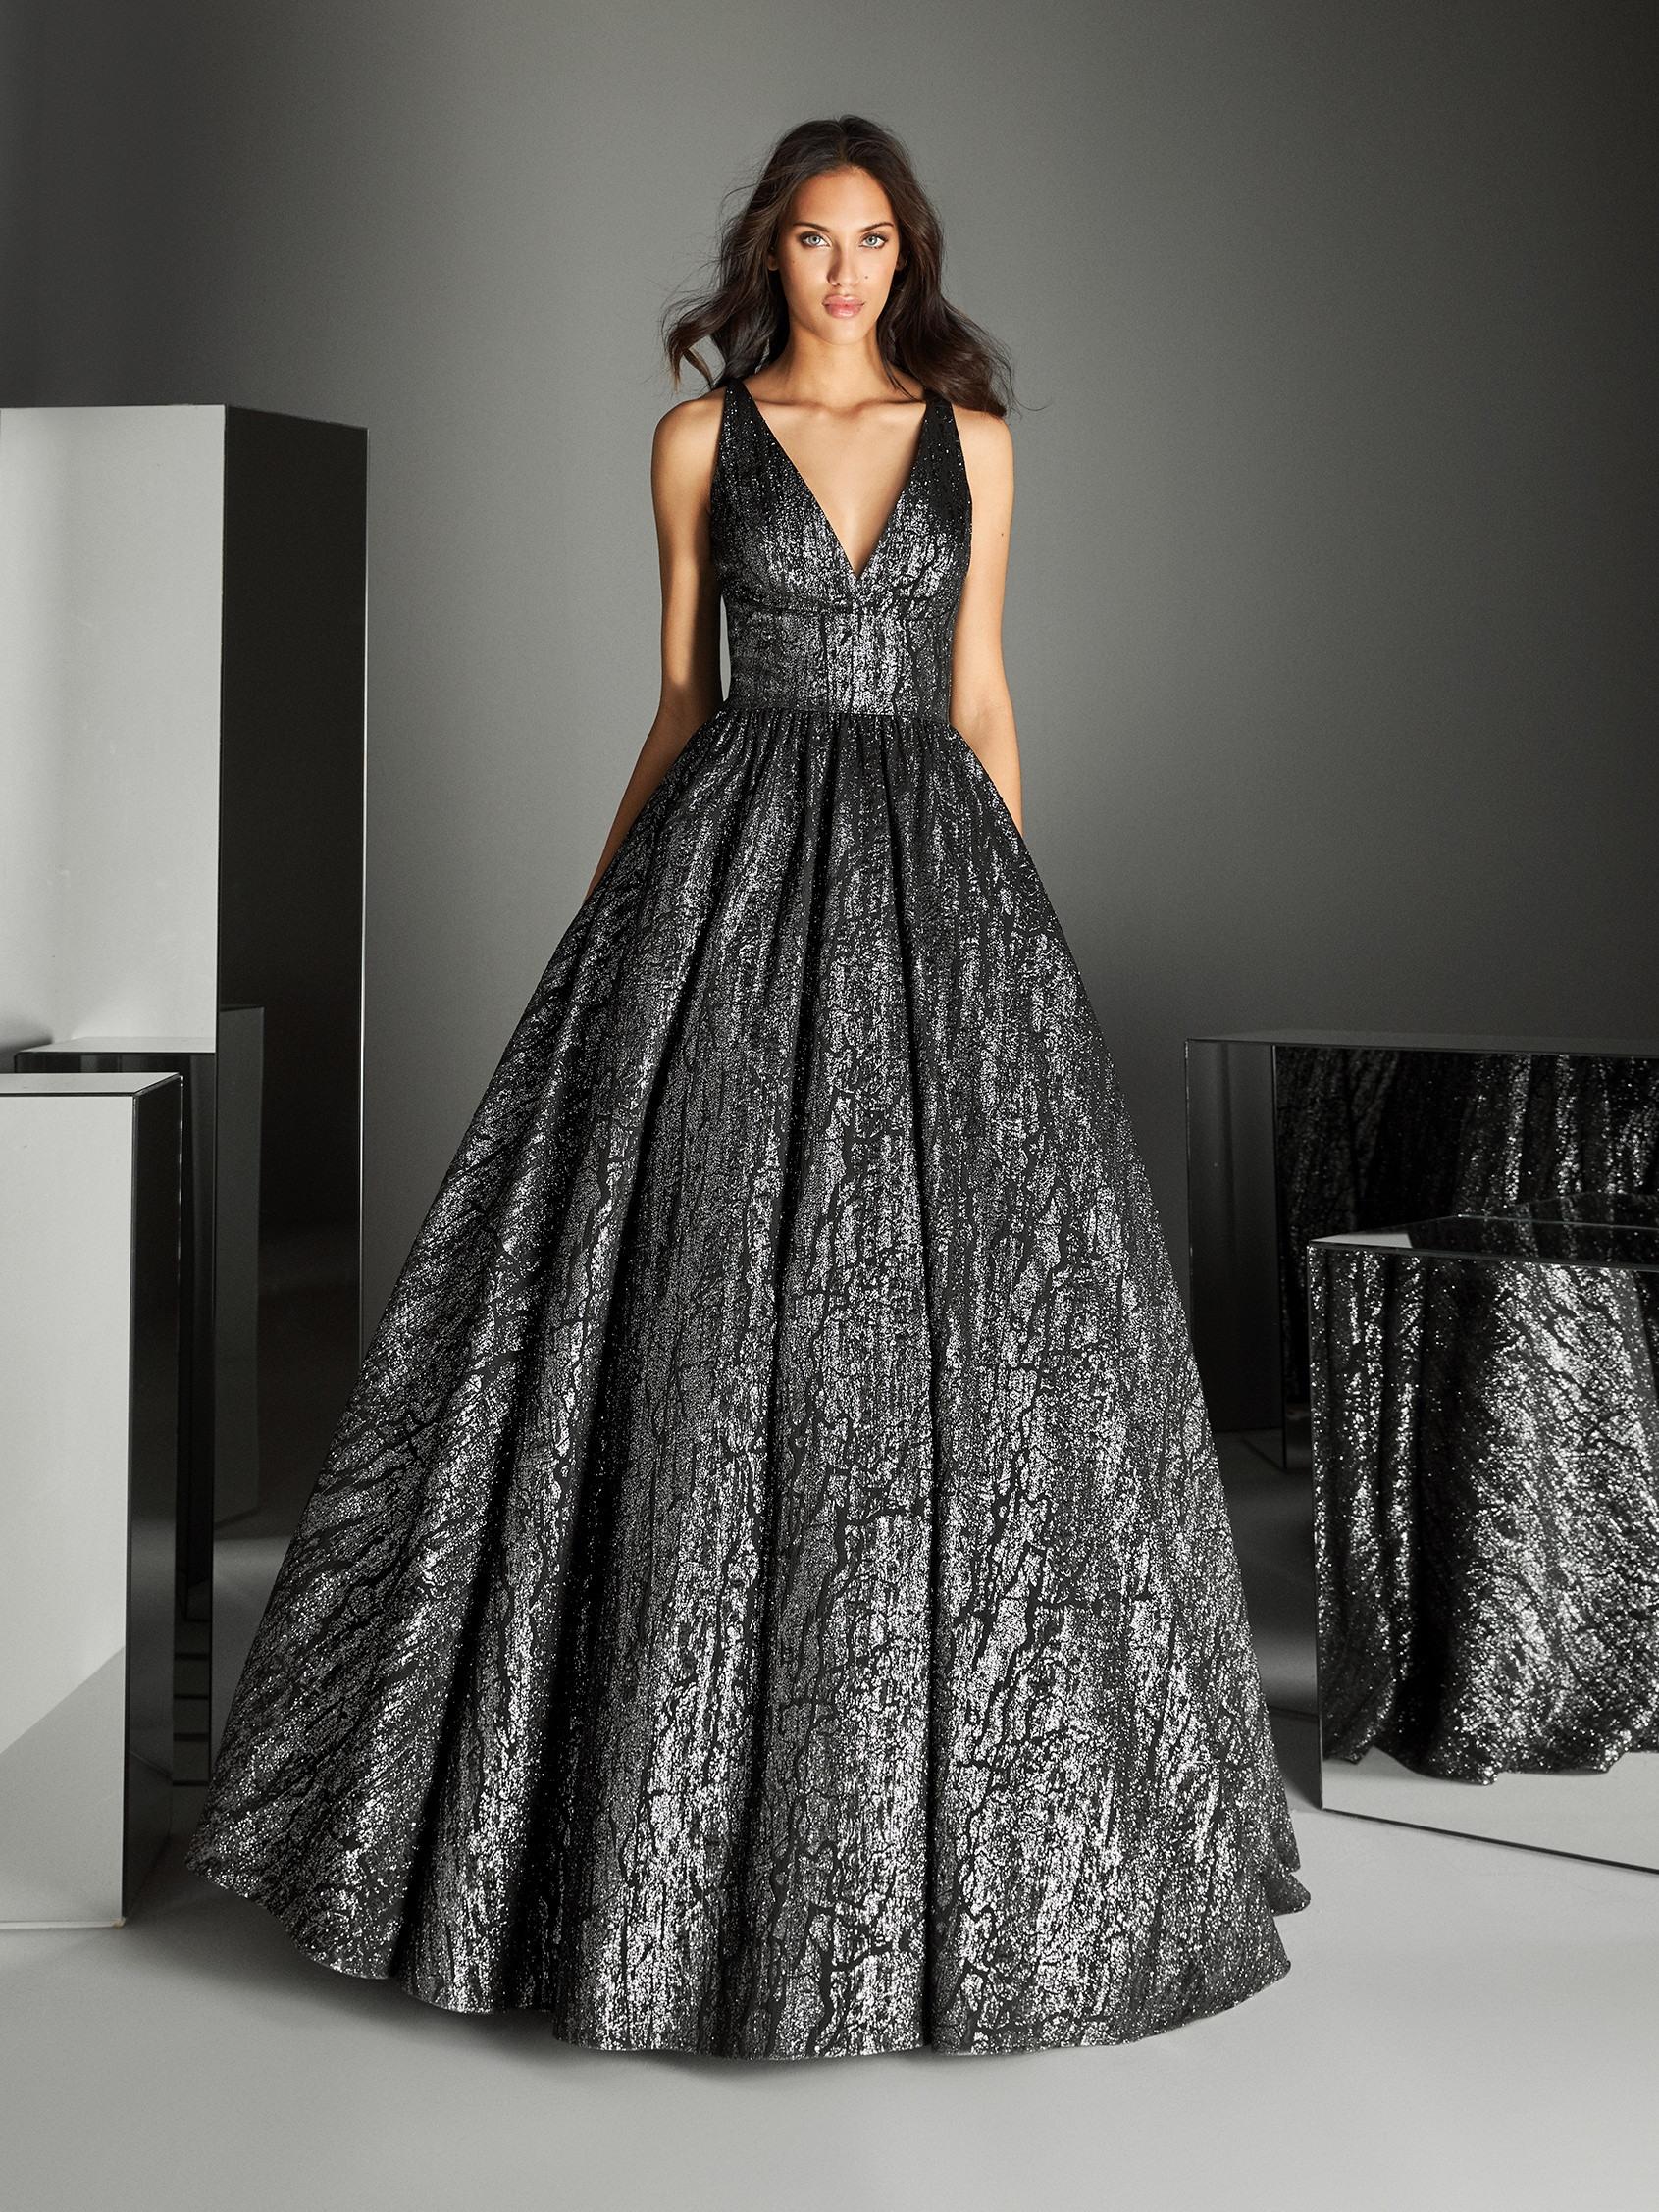 15 Einzigartig Pronovias Abendkleid Design10 Einzigartig Pronovias Abendkleid Galerie